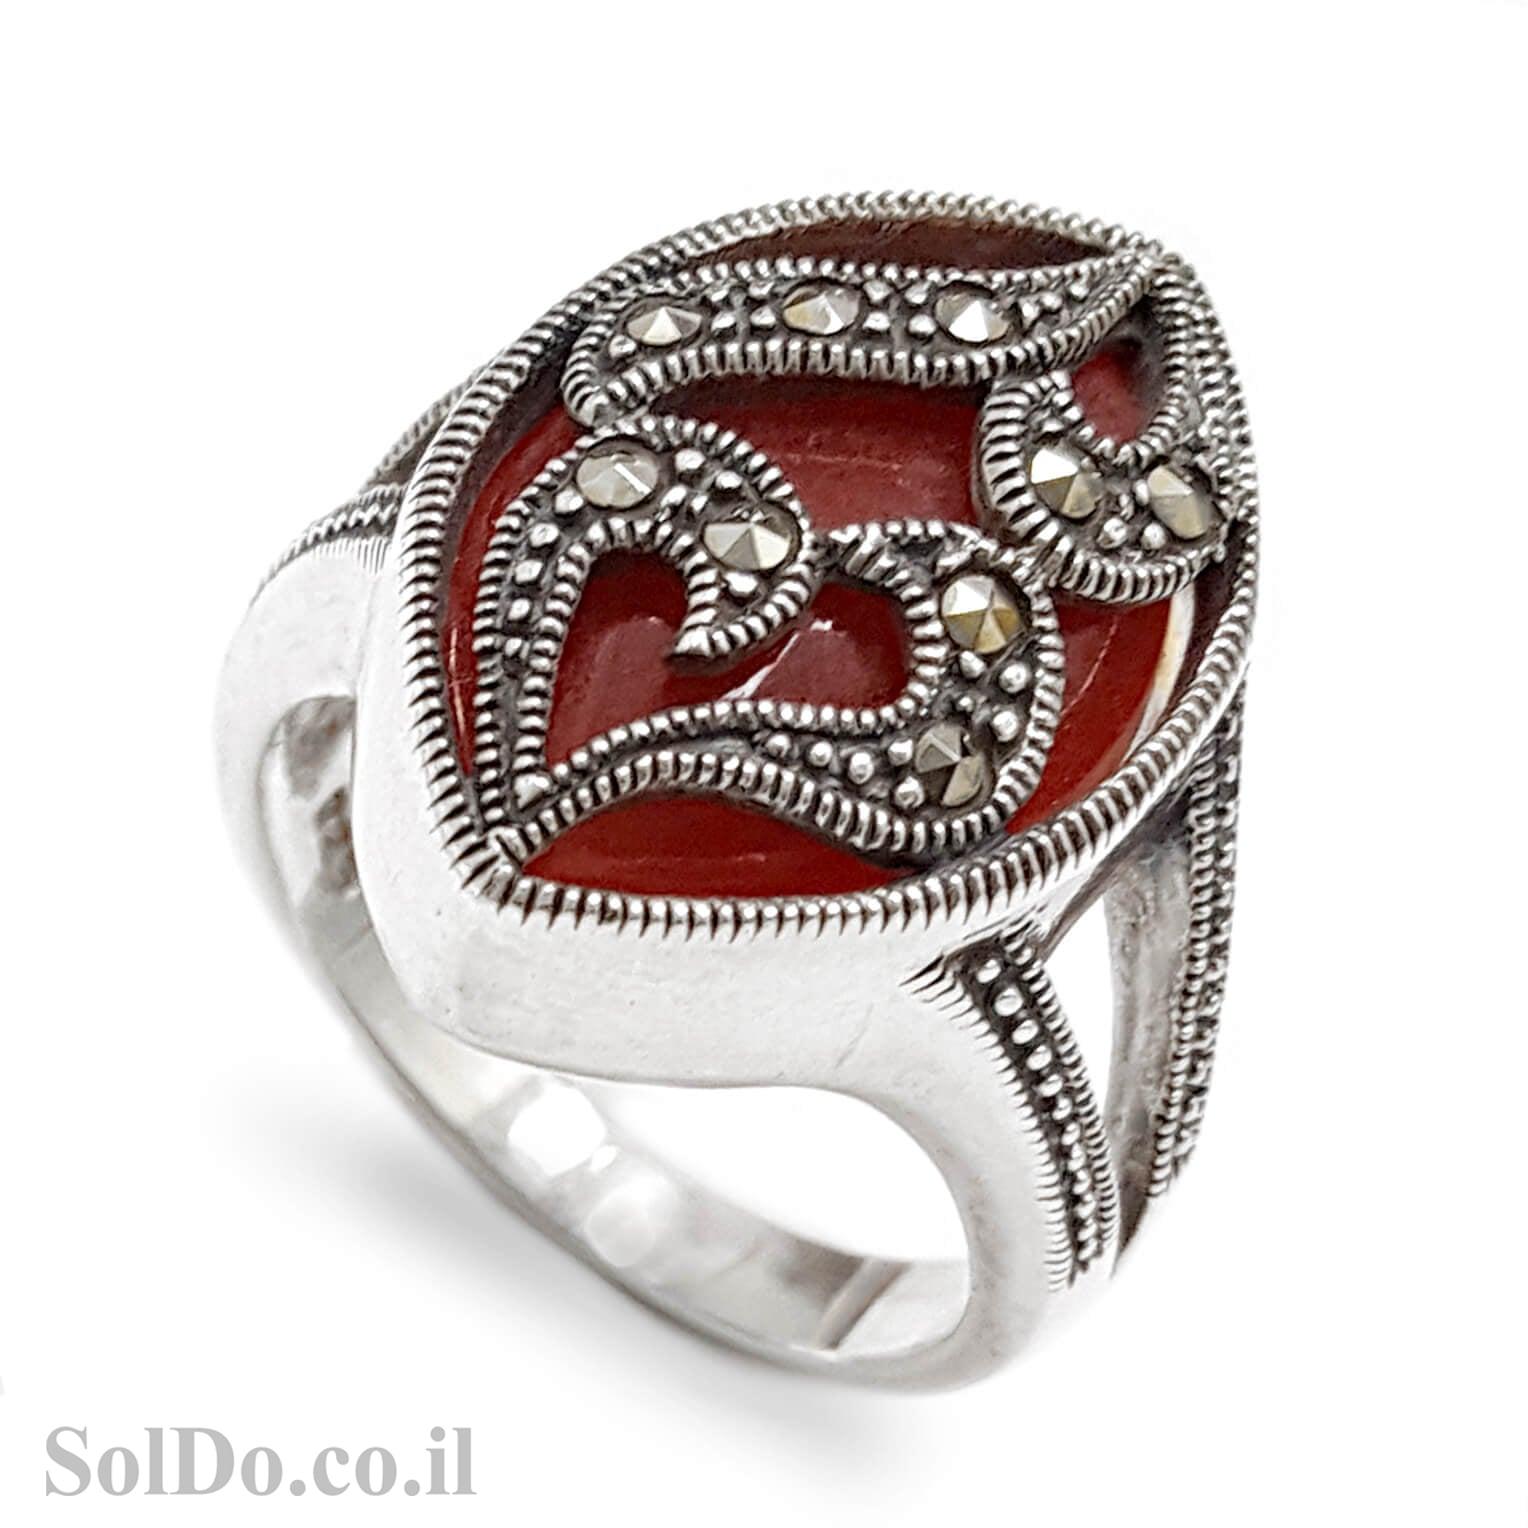 טבעת כסף משובצת אבן קרנליאן ומרקזטים RG1582 | תכשיטי כסף 925 | טבעות כסף